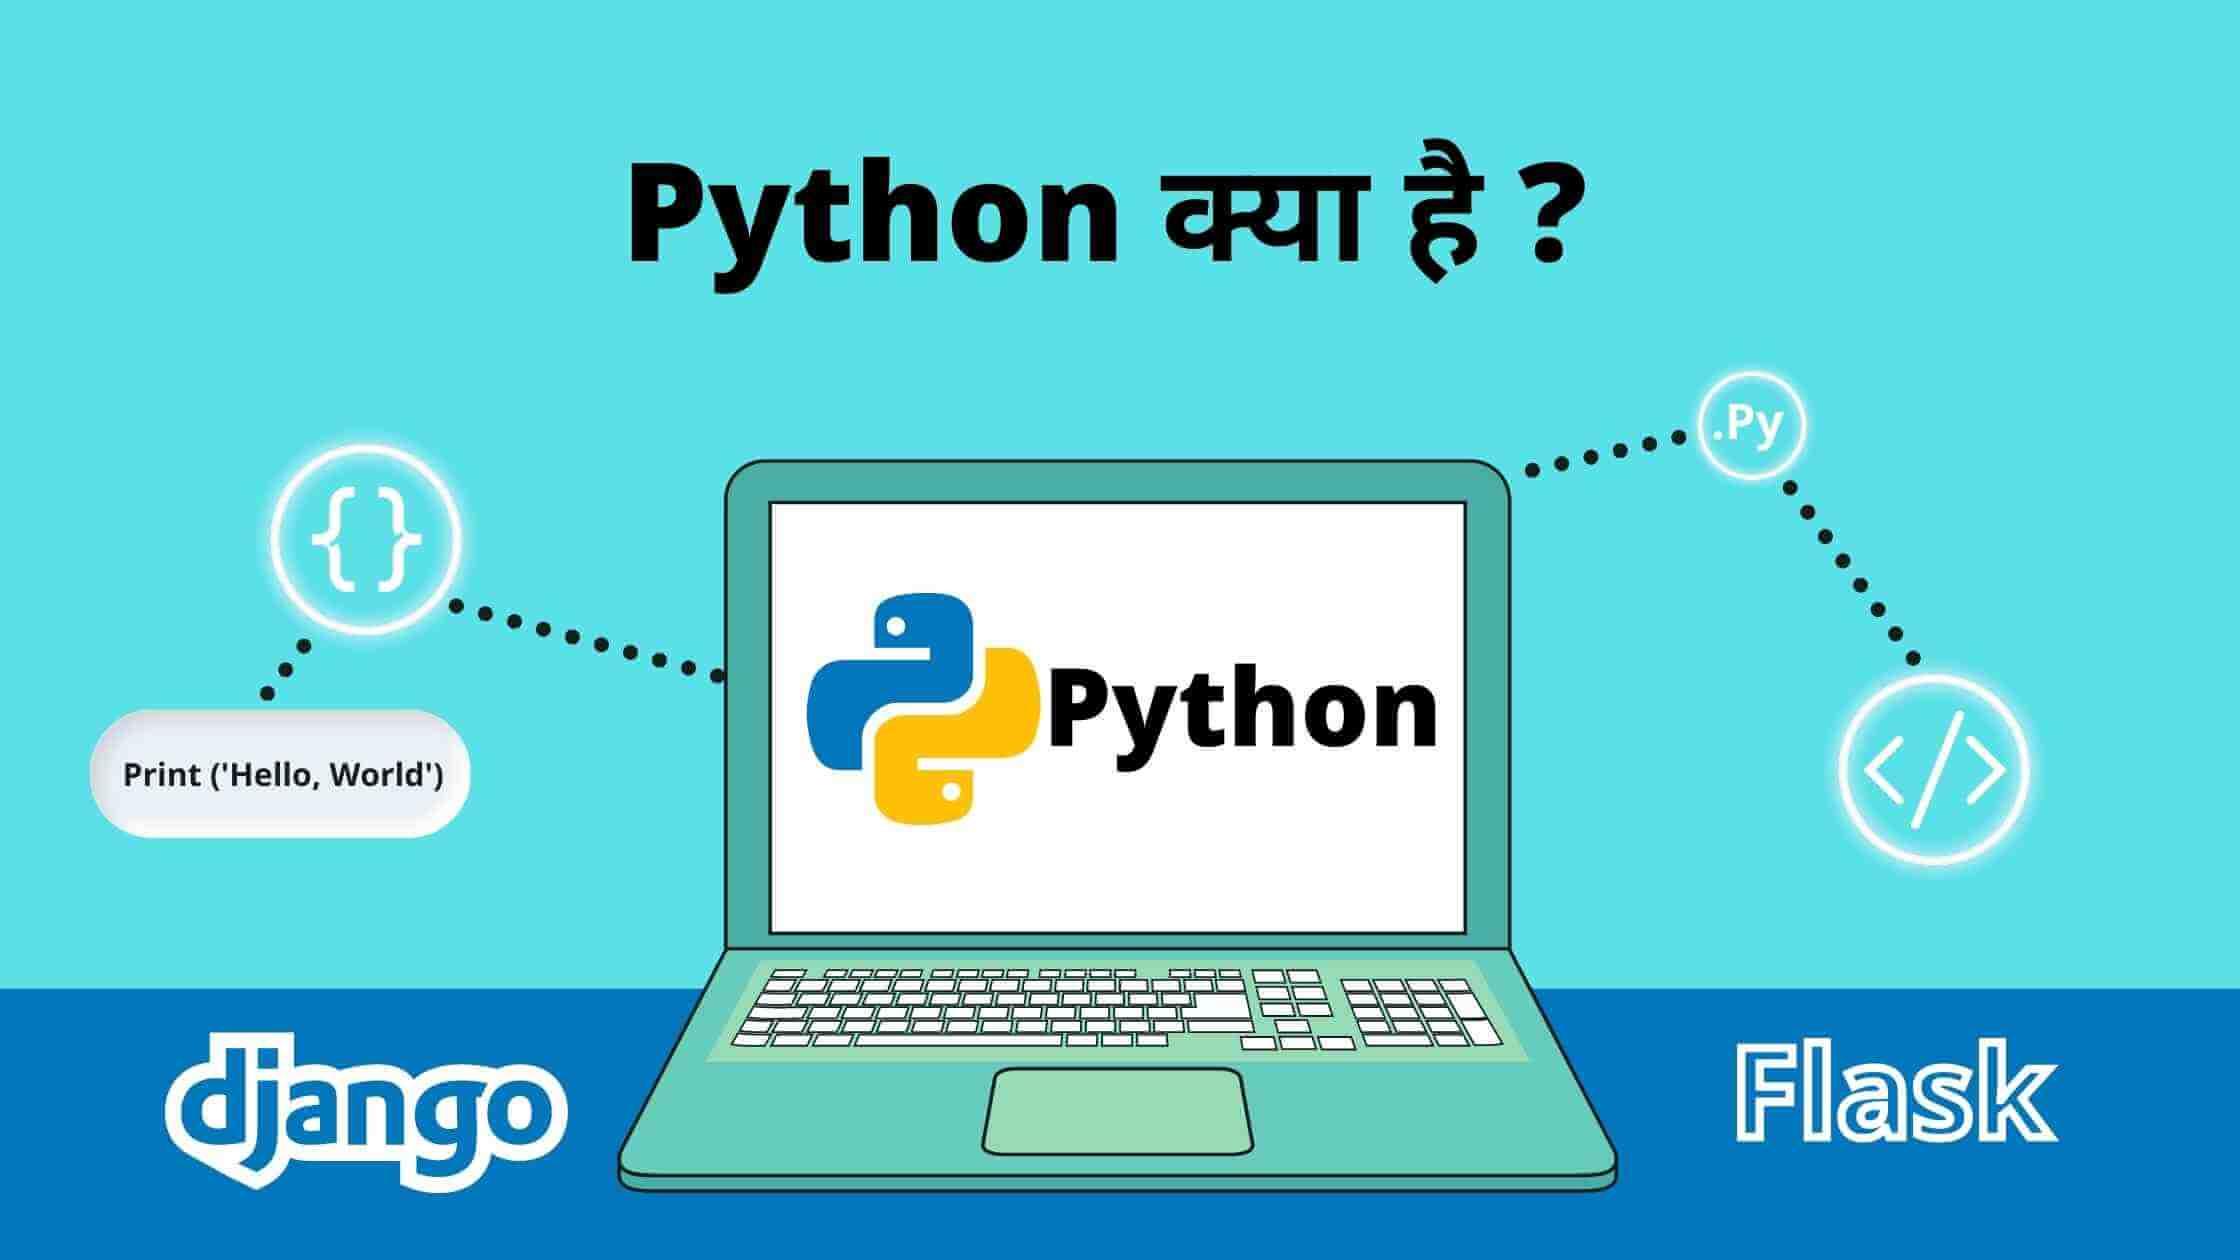 Python क्या है ? और Python को कैसे सिख सकते है ?